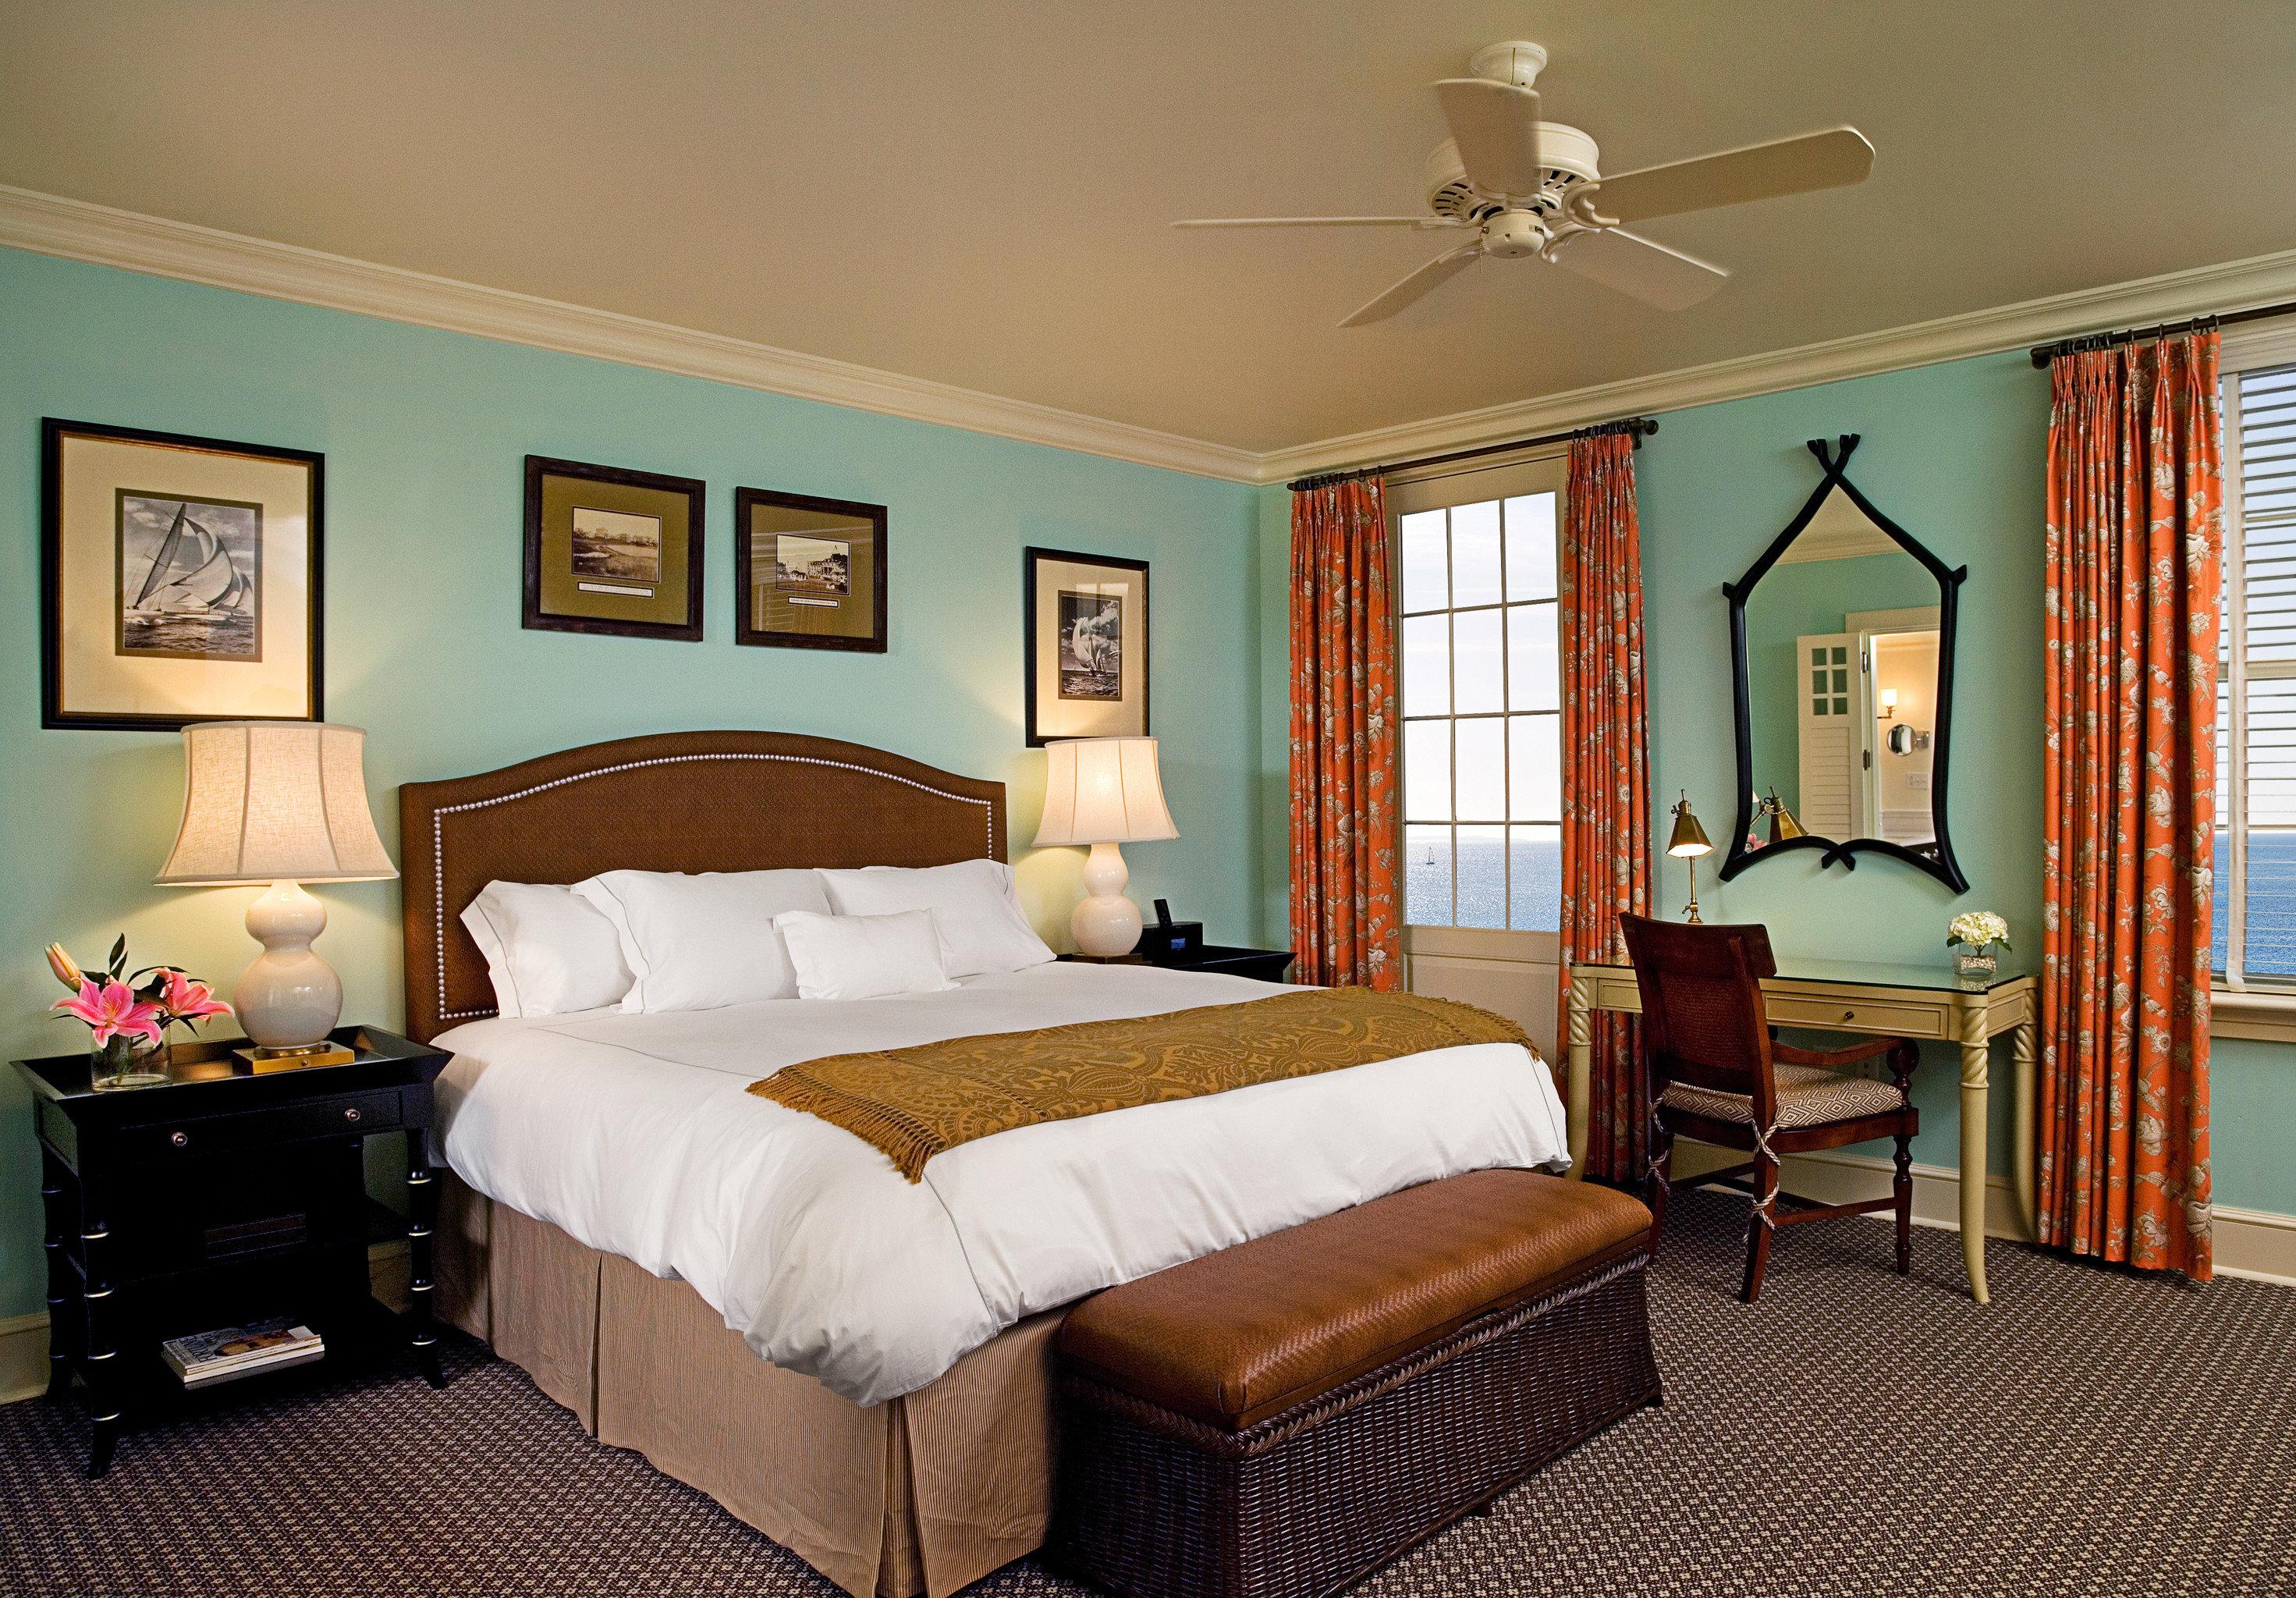 Bedroom property scene Suite cottage home living room